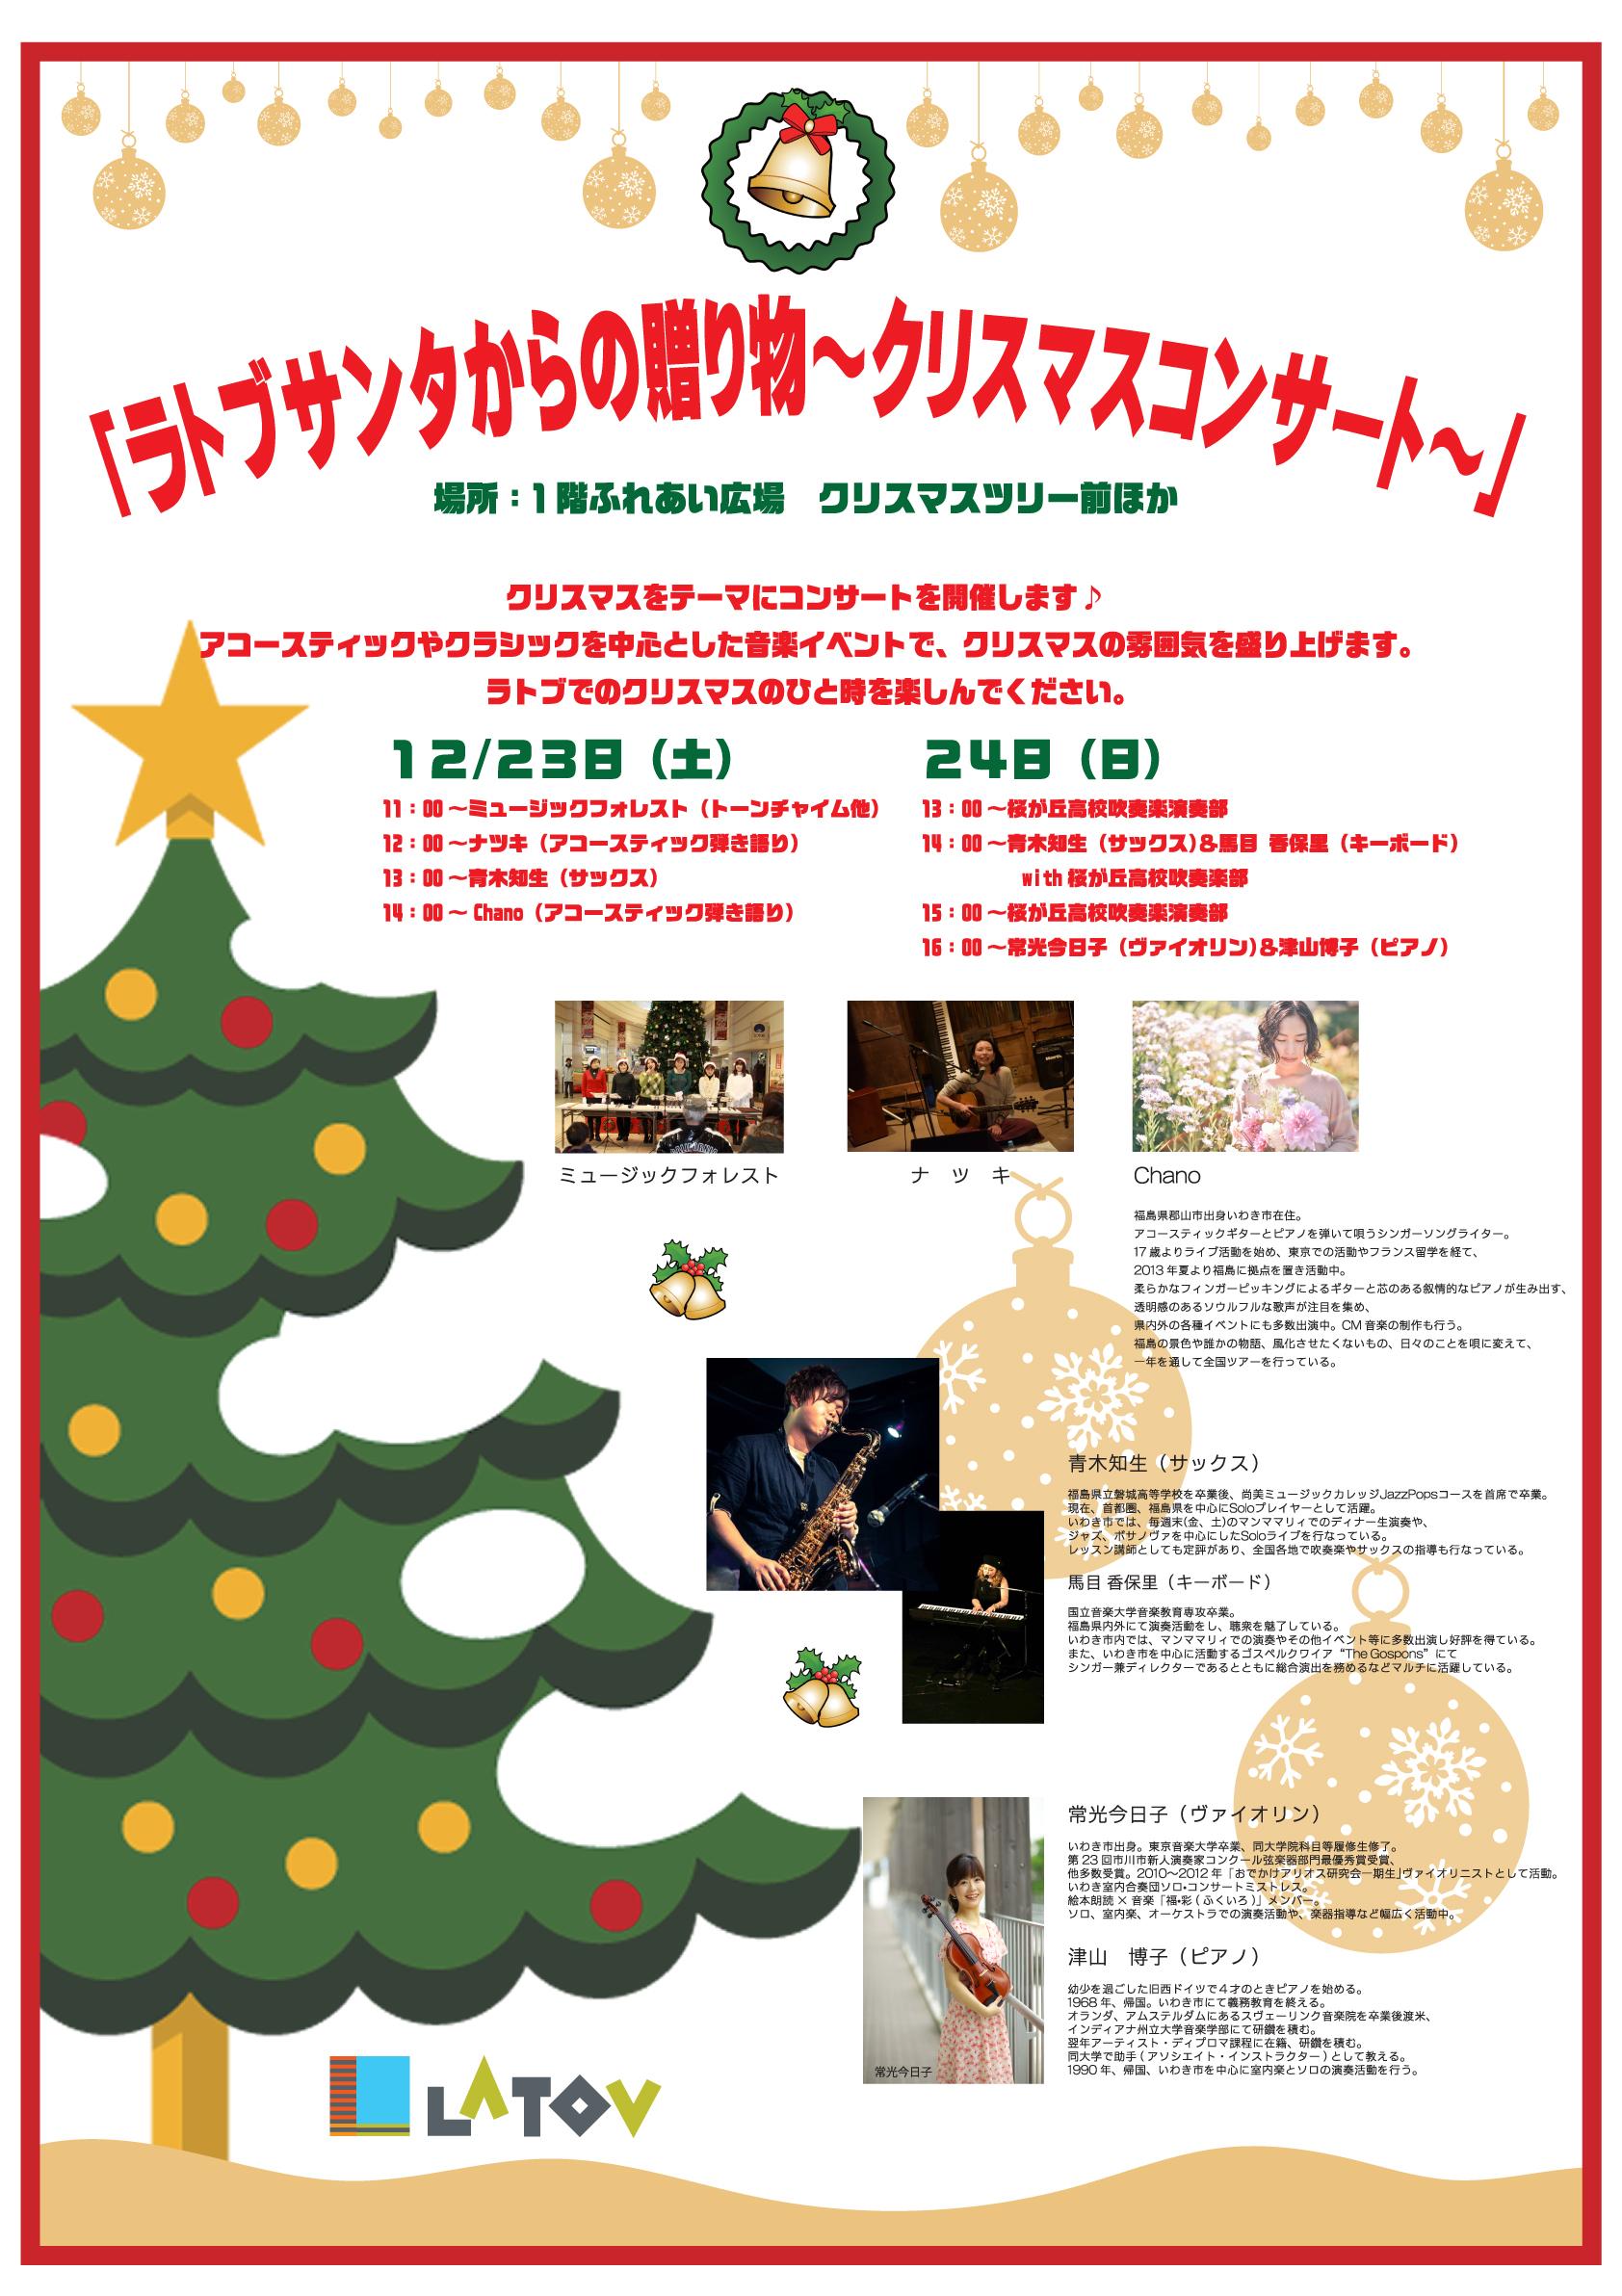 ラトブサンタからの贈り物◇クリスマスコンサート